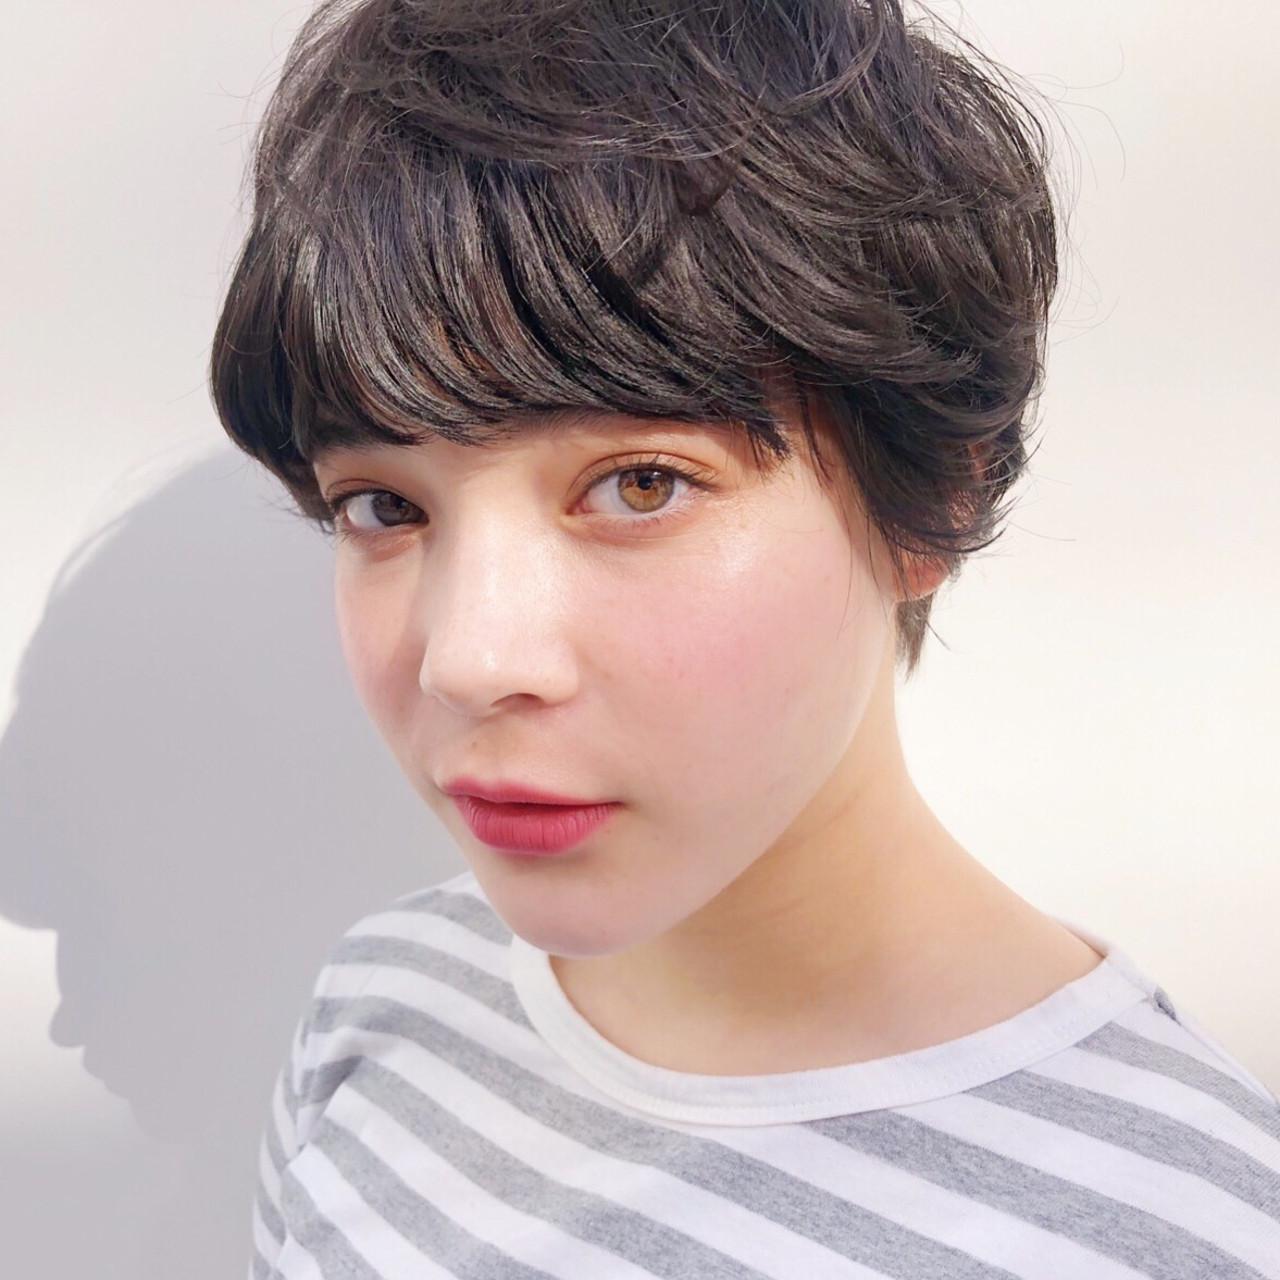 アンニュイほつれヘア マッシュショート ショート 透け感ヘア ヘアスタイルや髪型の写真・画像